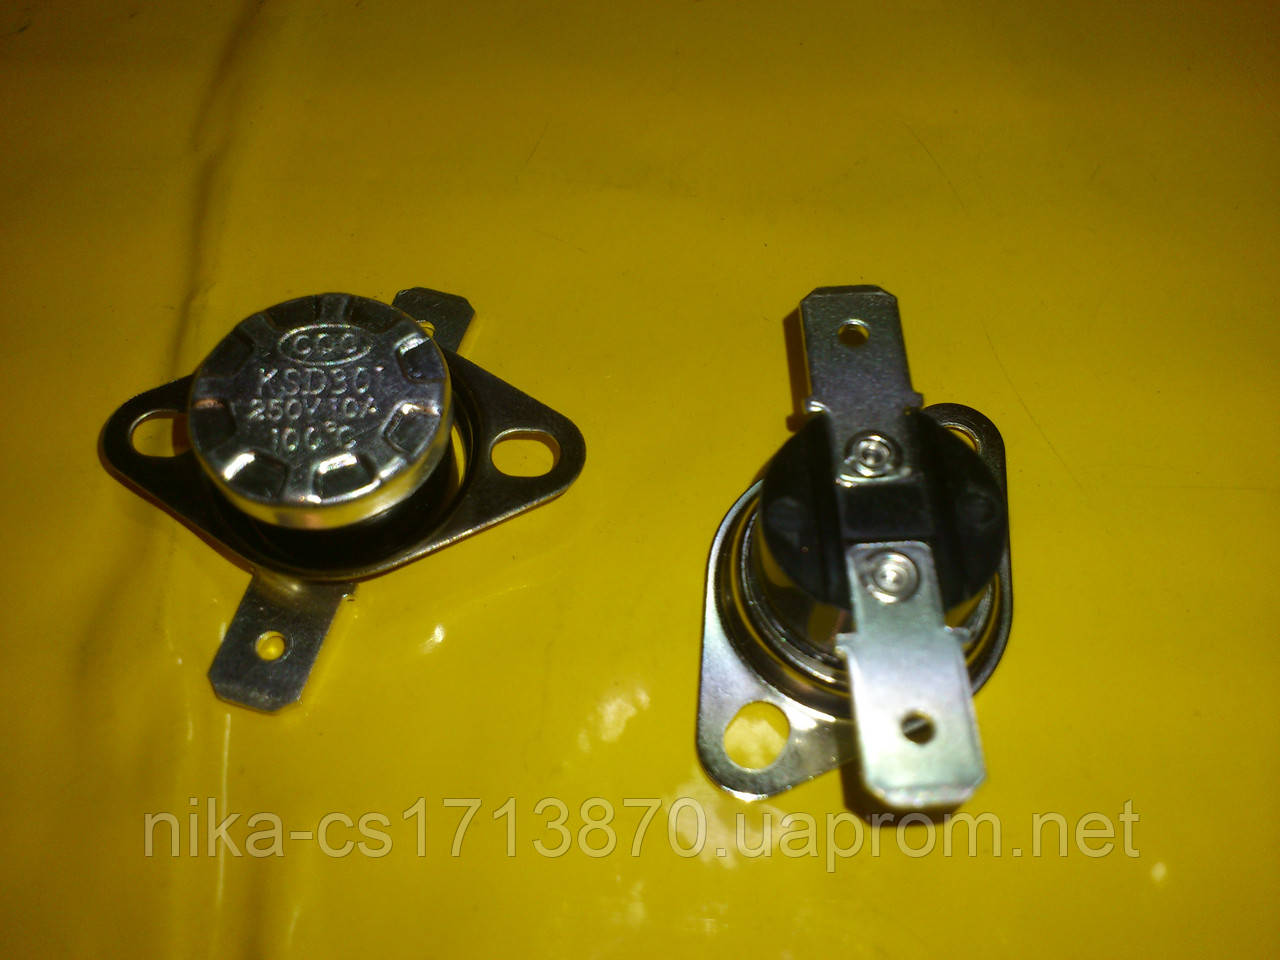 Реостат авто включения-выключения KSD 301 / 100℃ / 250 в. / 10 А / 17 мм. диаметр . Нормально замкнут .